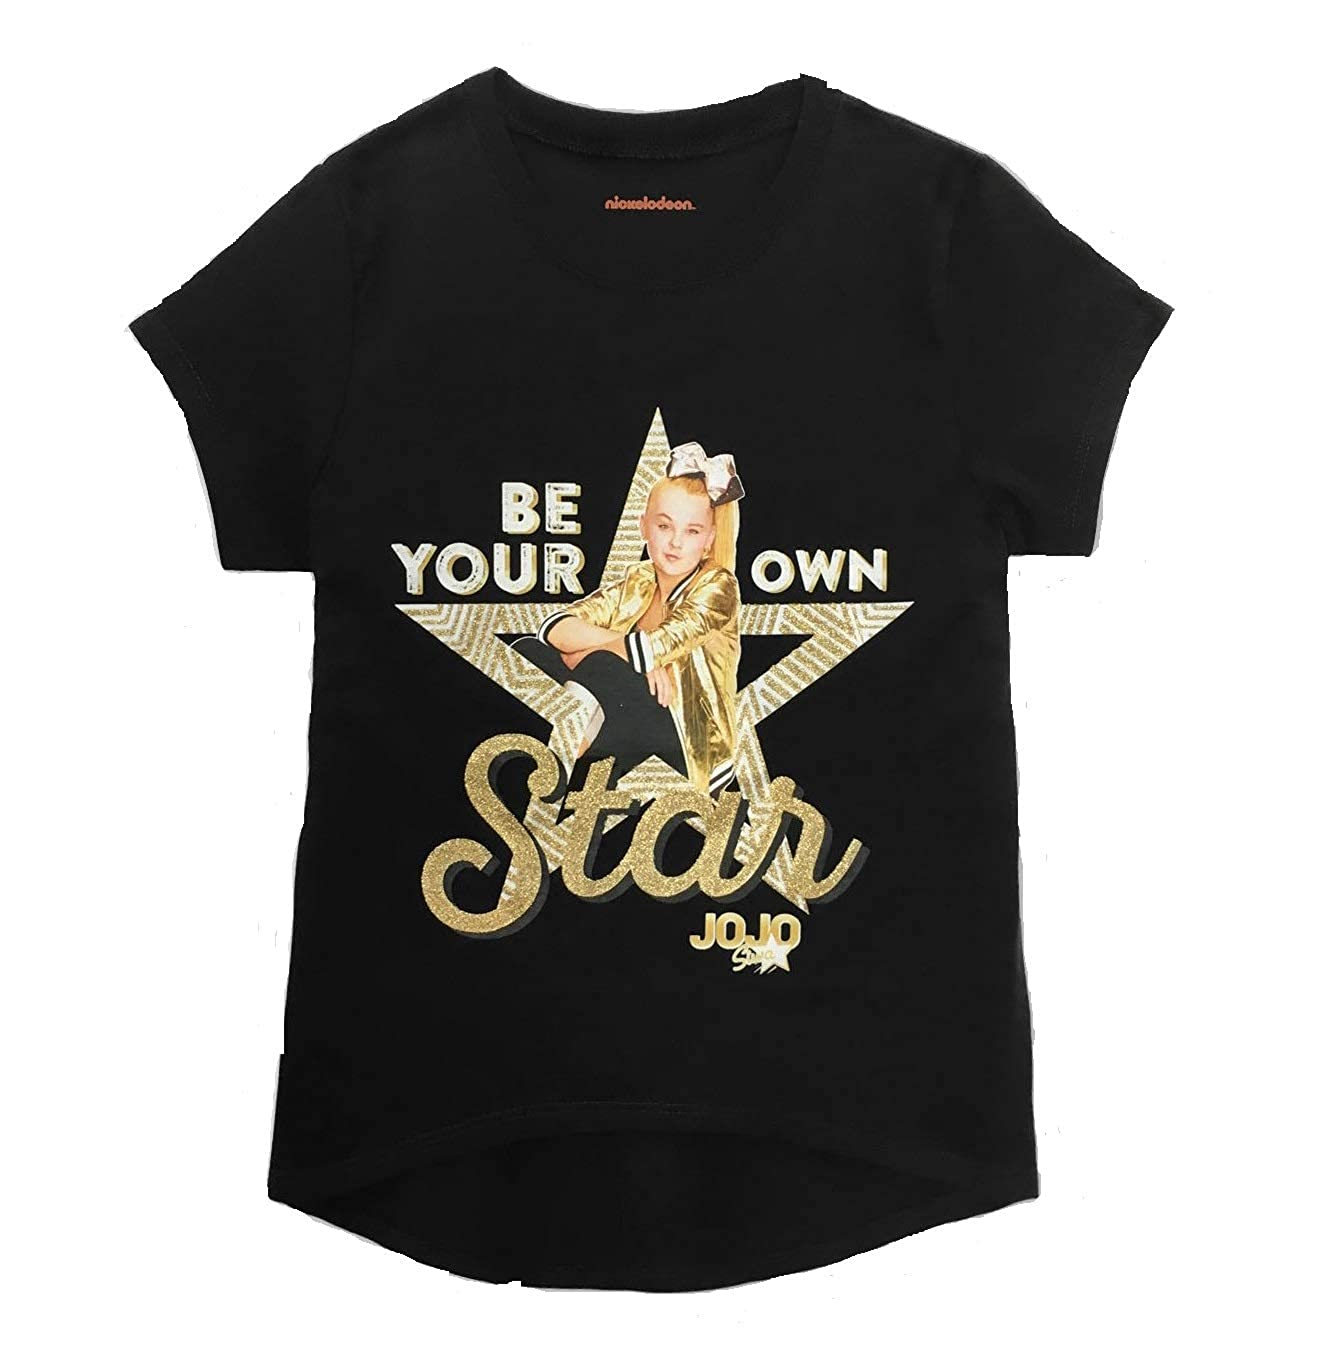 Girls Nickelodeon JoJo Siwa T-Shirt Black